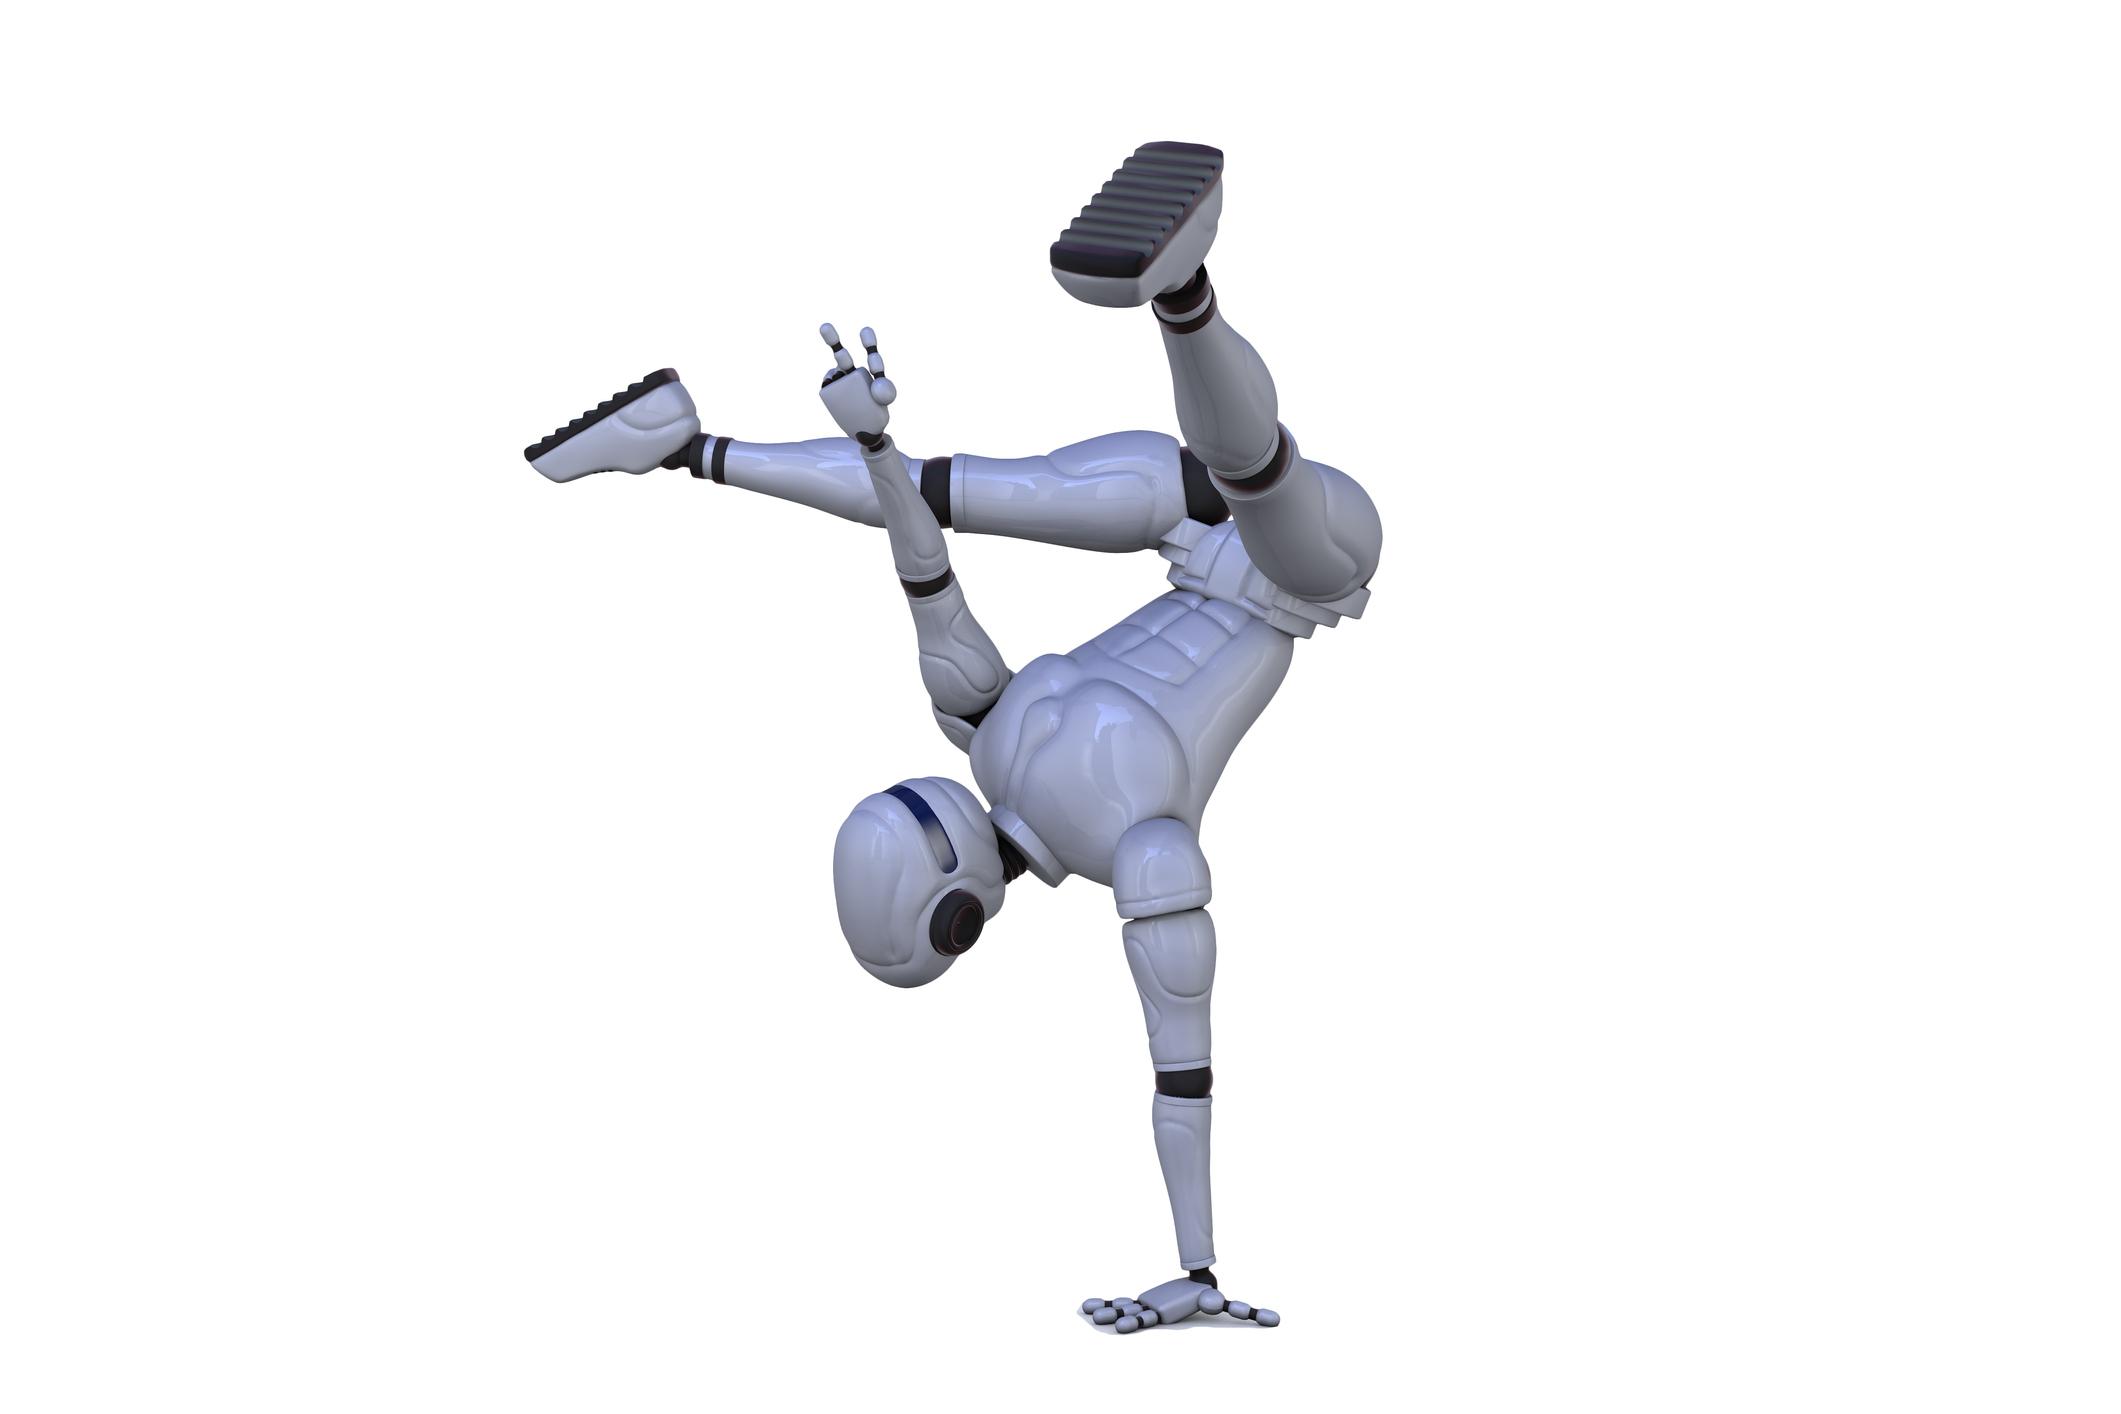 Robot is a dancer